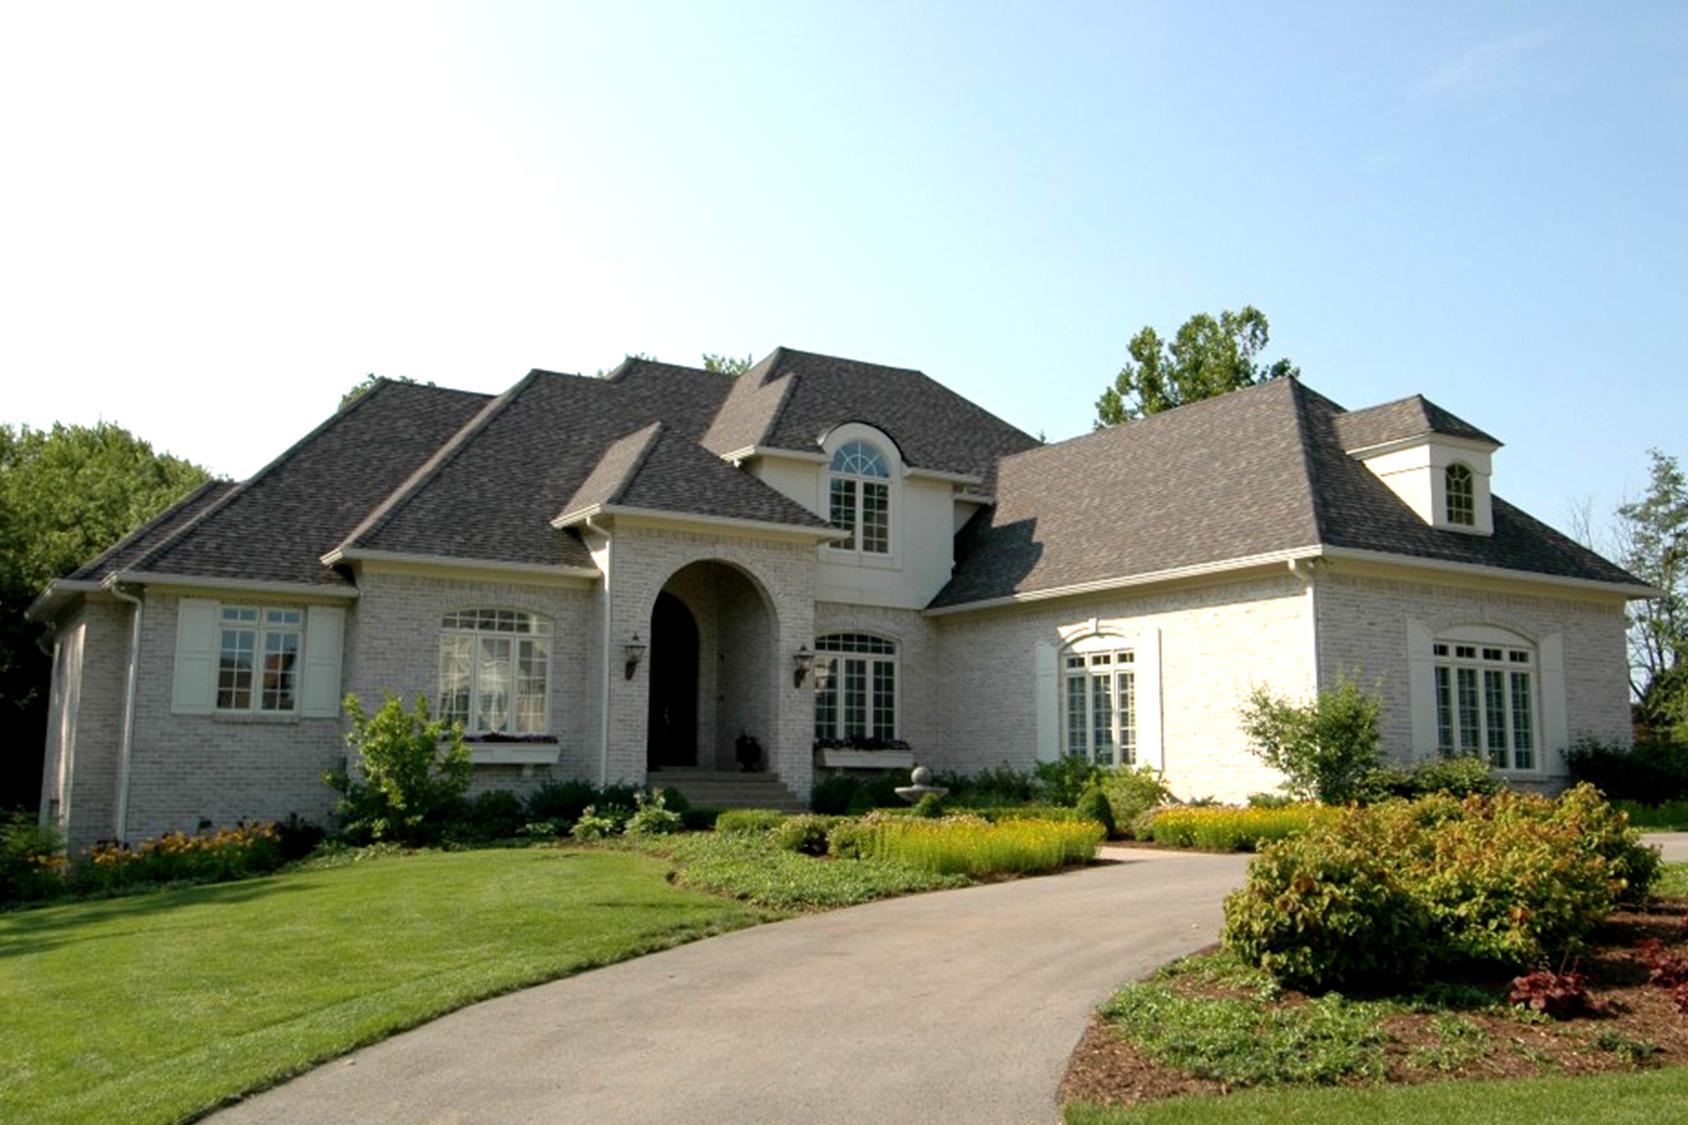 How to choose a custom home builder hamilton homes for Choosing a home builder